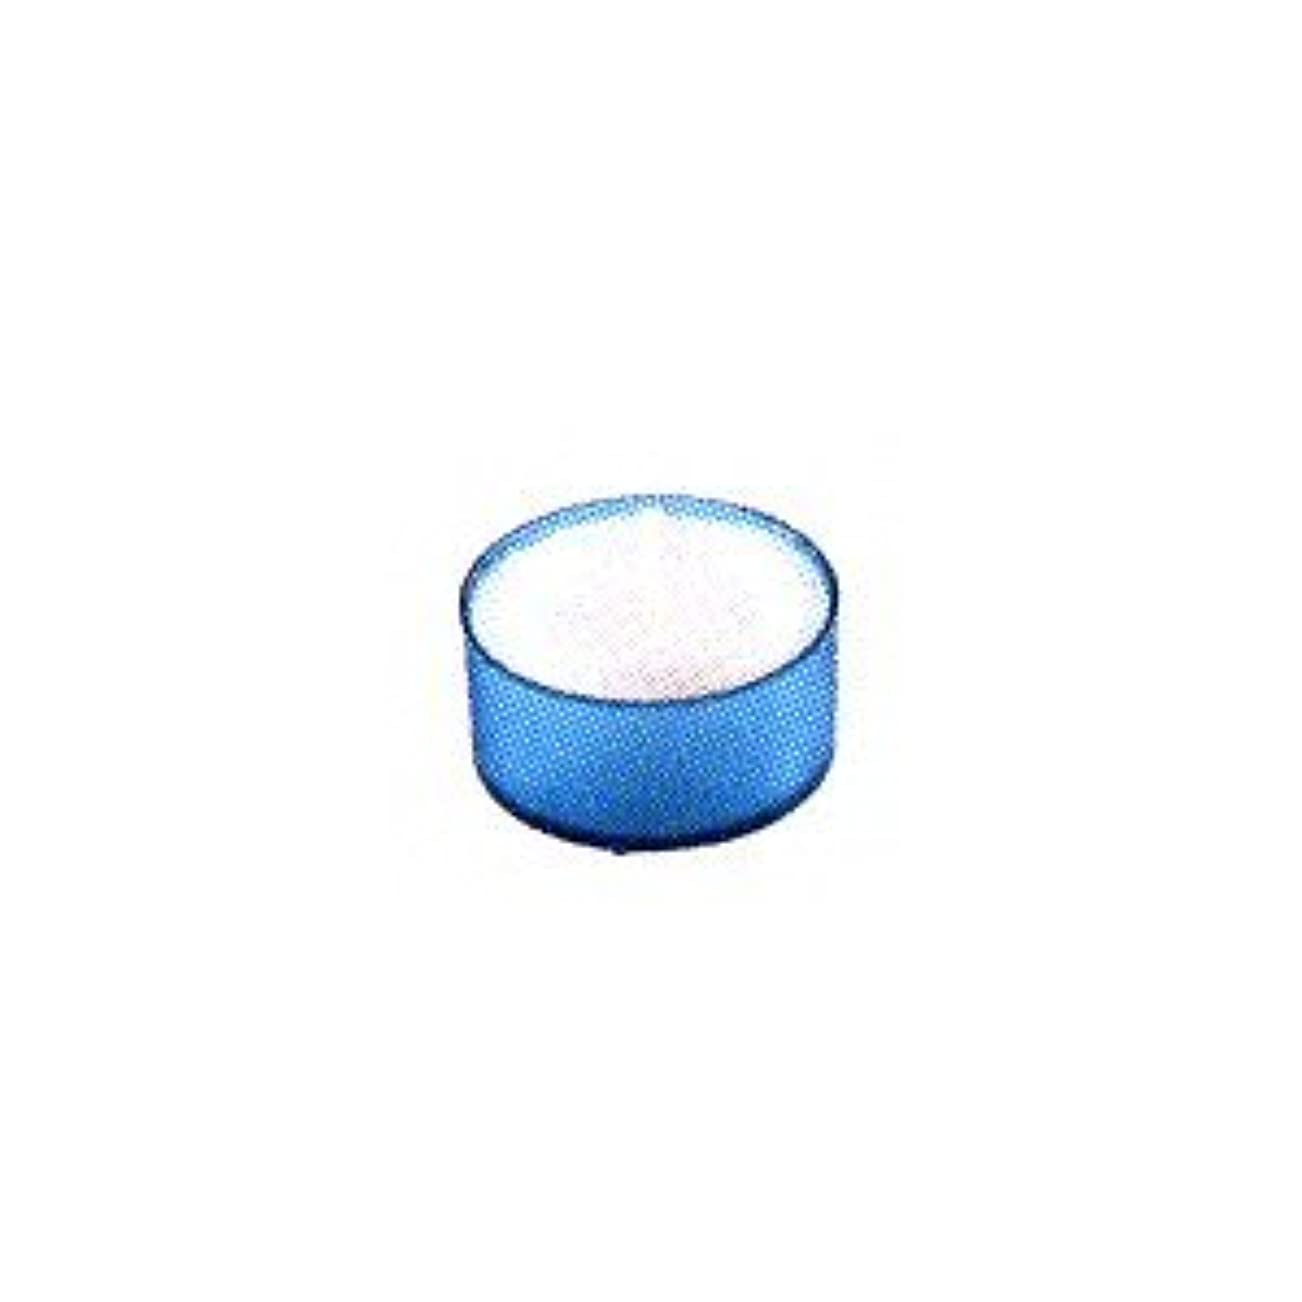 概要グラディスデータカメヤマキャンドル カラークリアカップ ティーライト ブルー 24個入